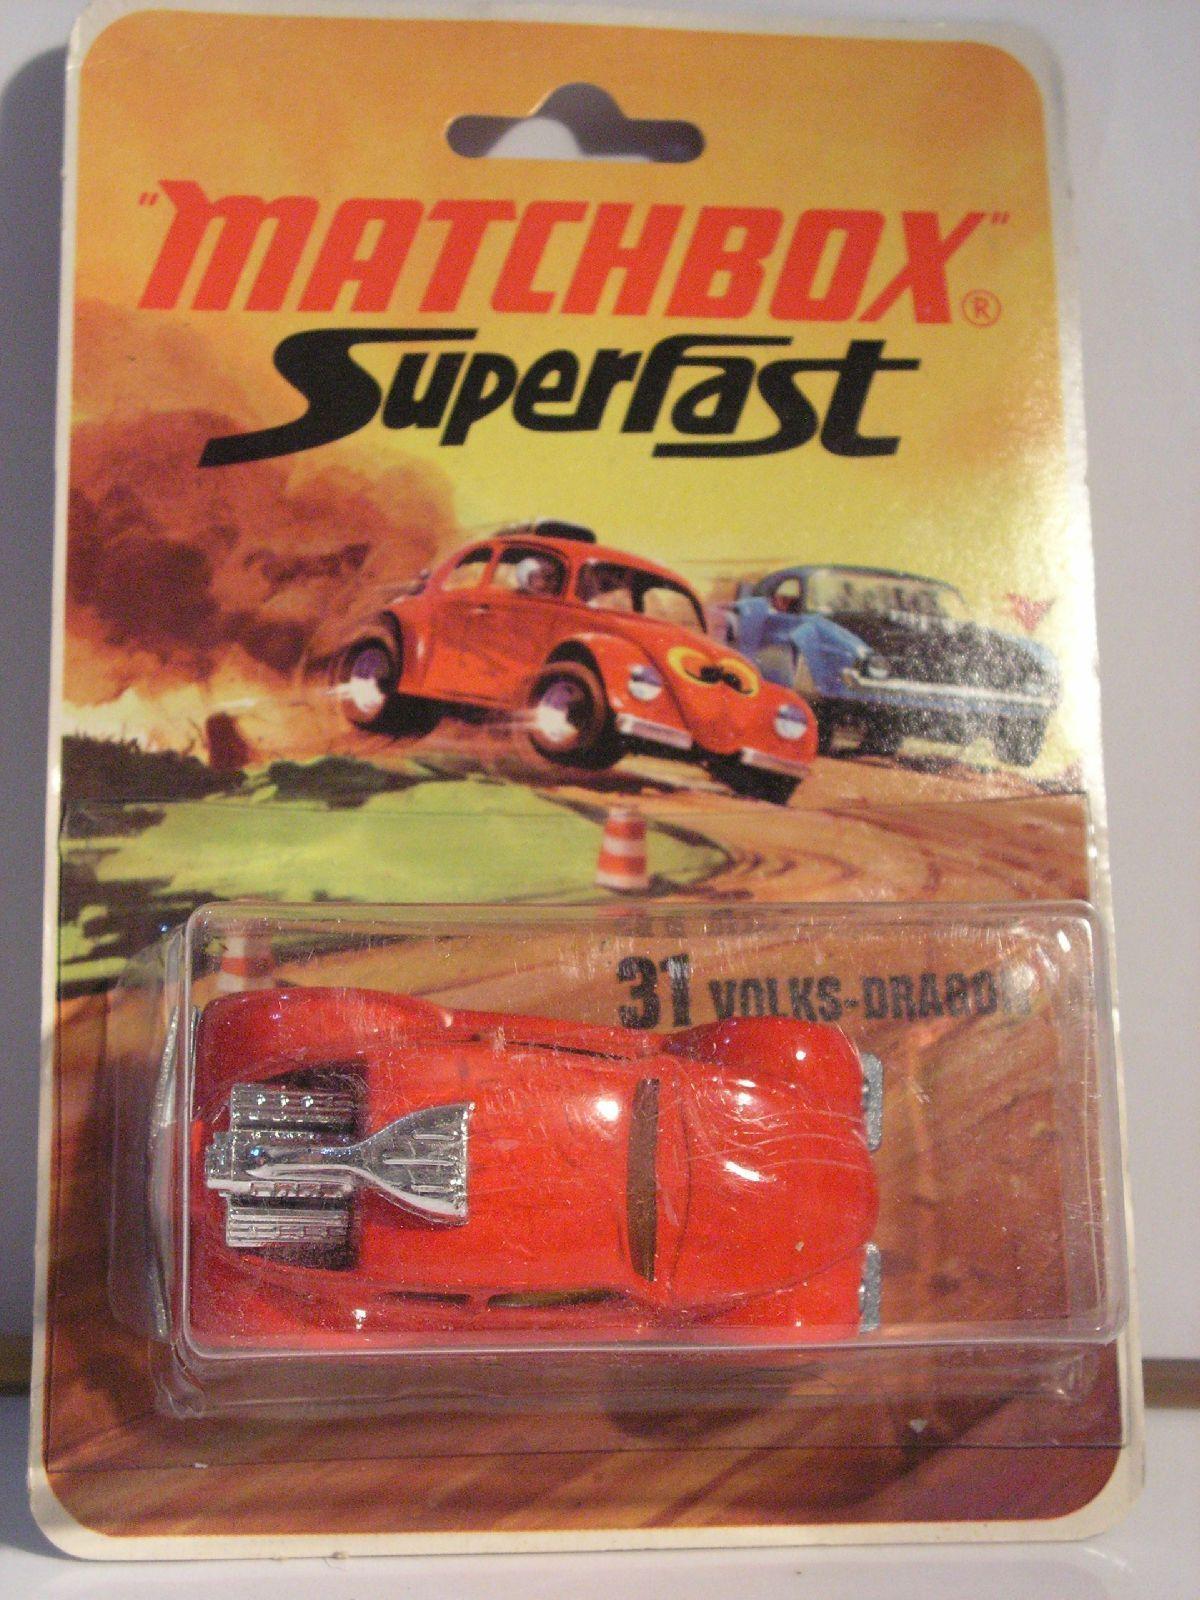 Entrega directa y rápida de fábrica MATCHBOX MATCHBOX MATCHBOX  VOLKS-DRAGON - 31 MIB NEUF BOITE súperFAST vw beetle cox  mas barato